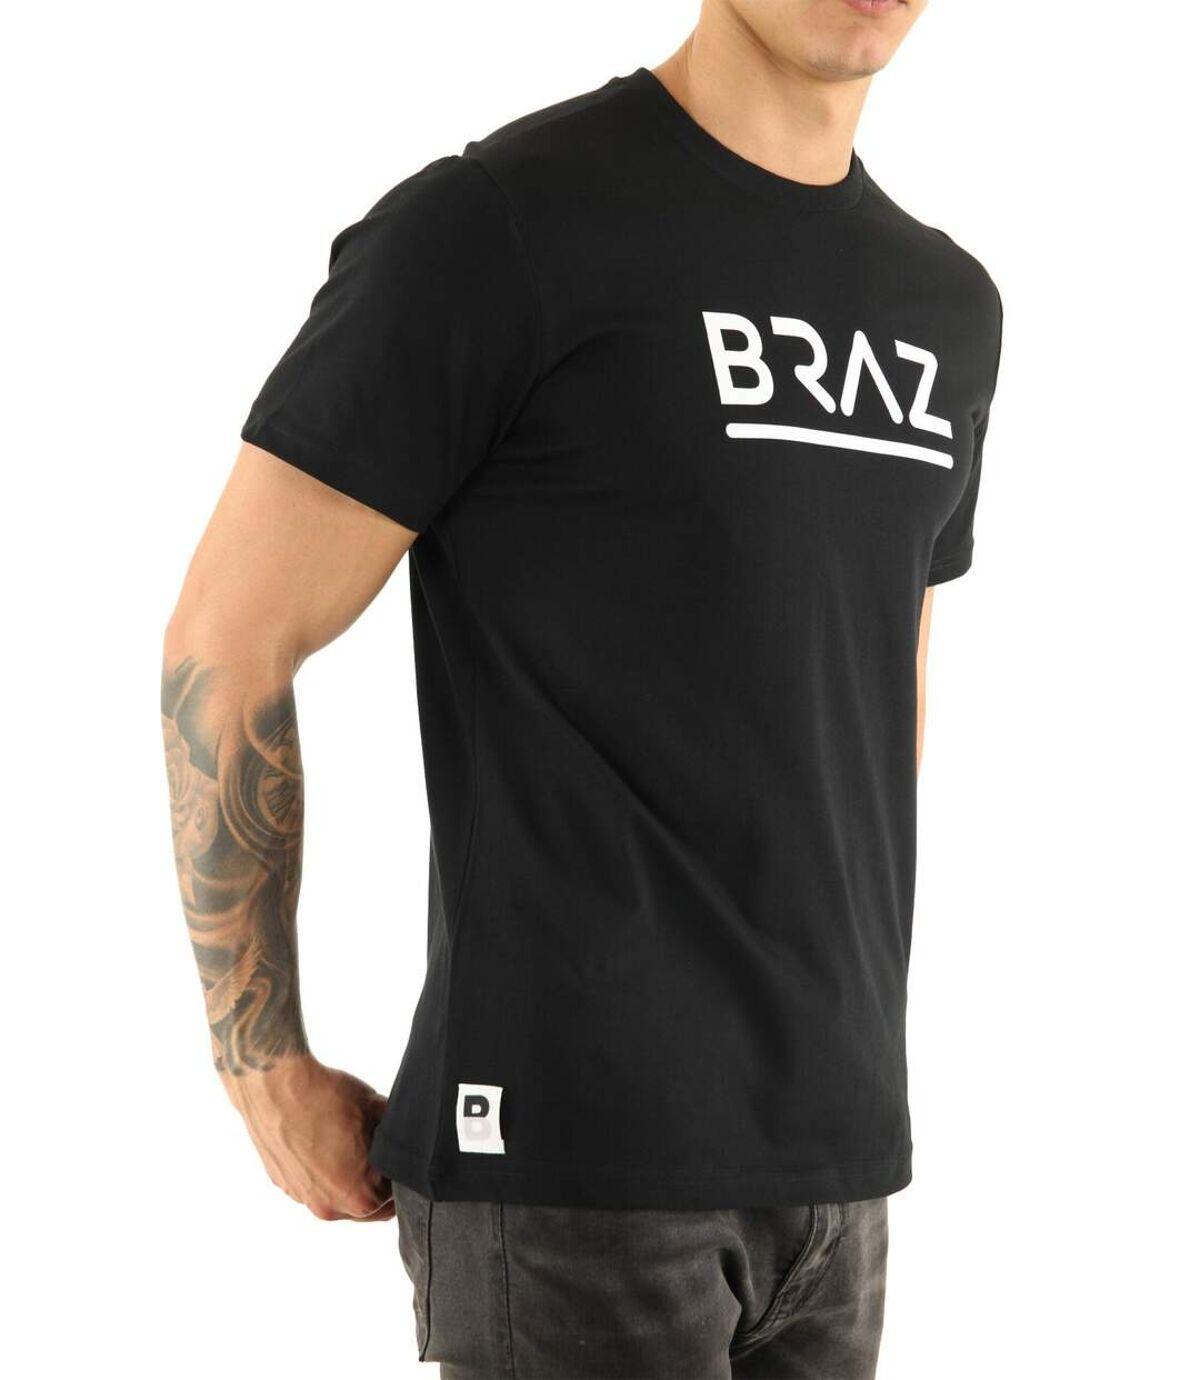 Tee shirt coton basique BR 213219  -  Braz - Homme